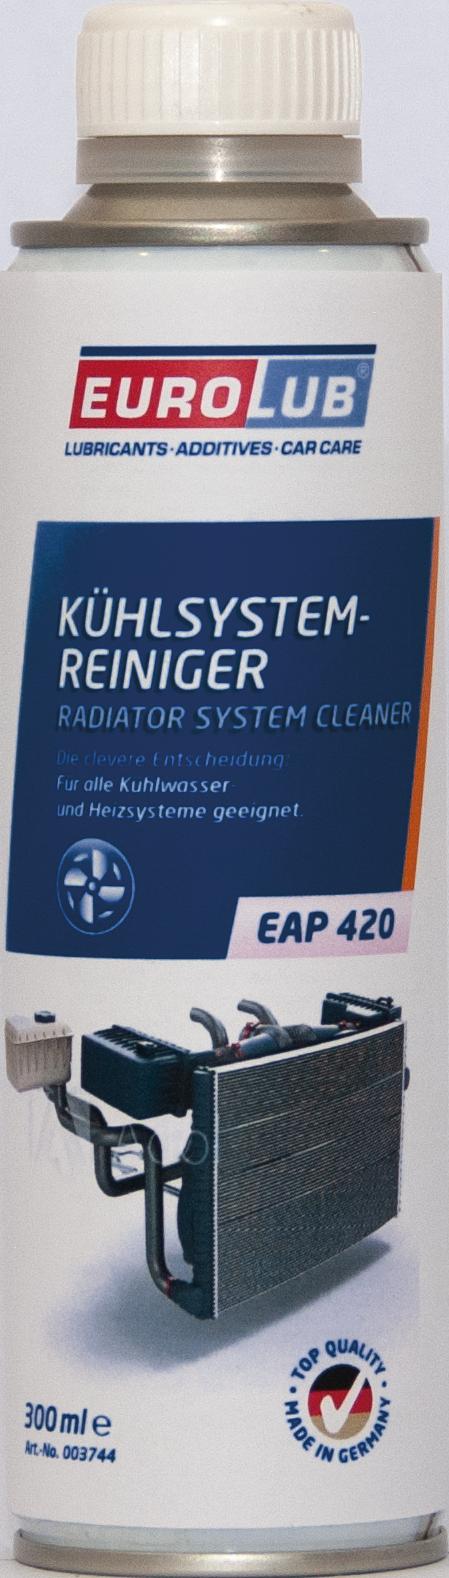 Eurolub EAP 420 Kühlsystemreiniger 300ml